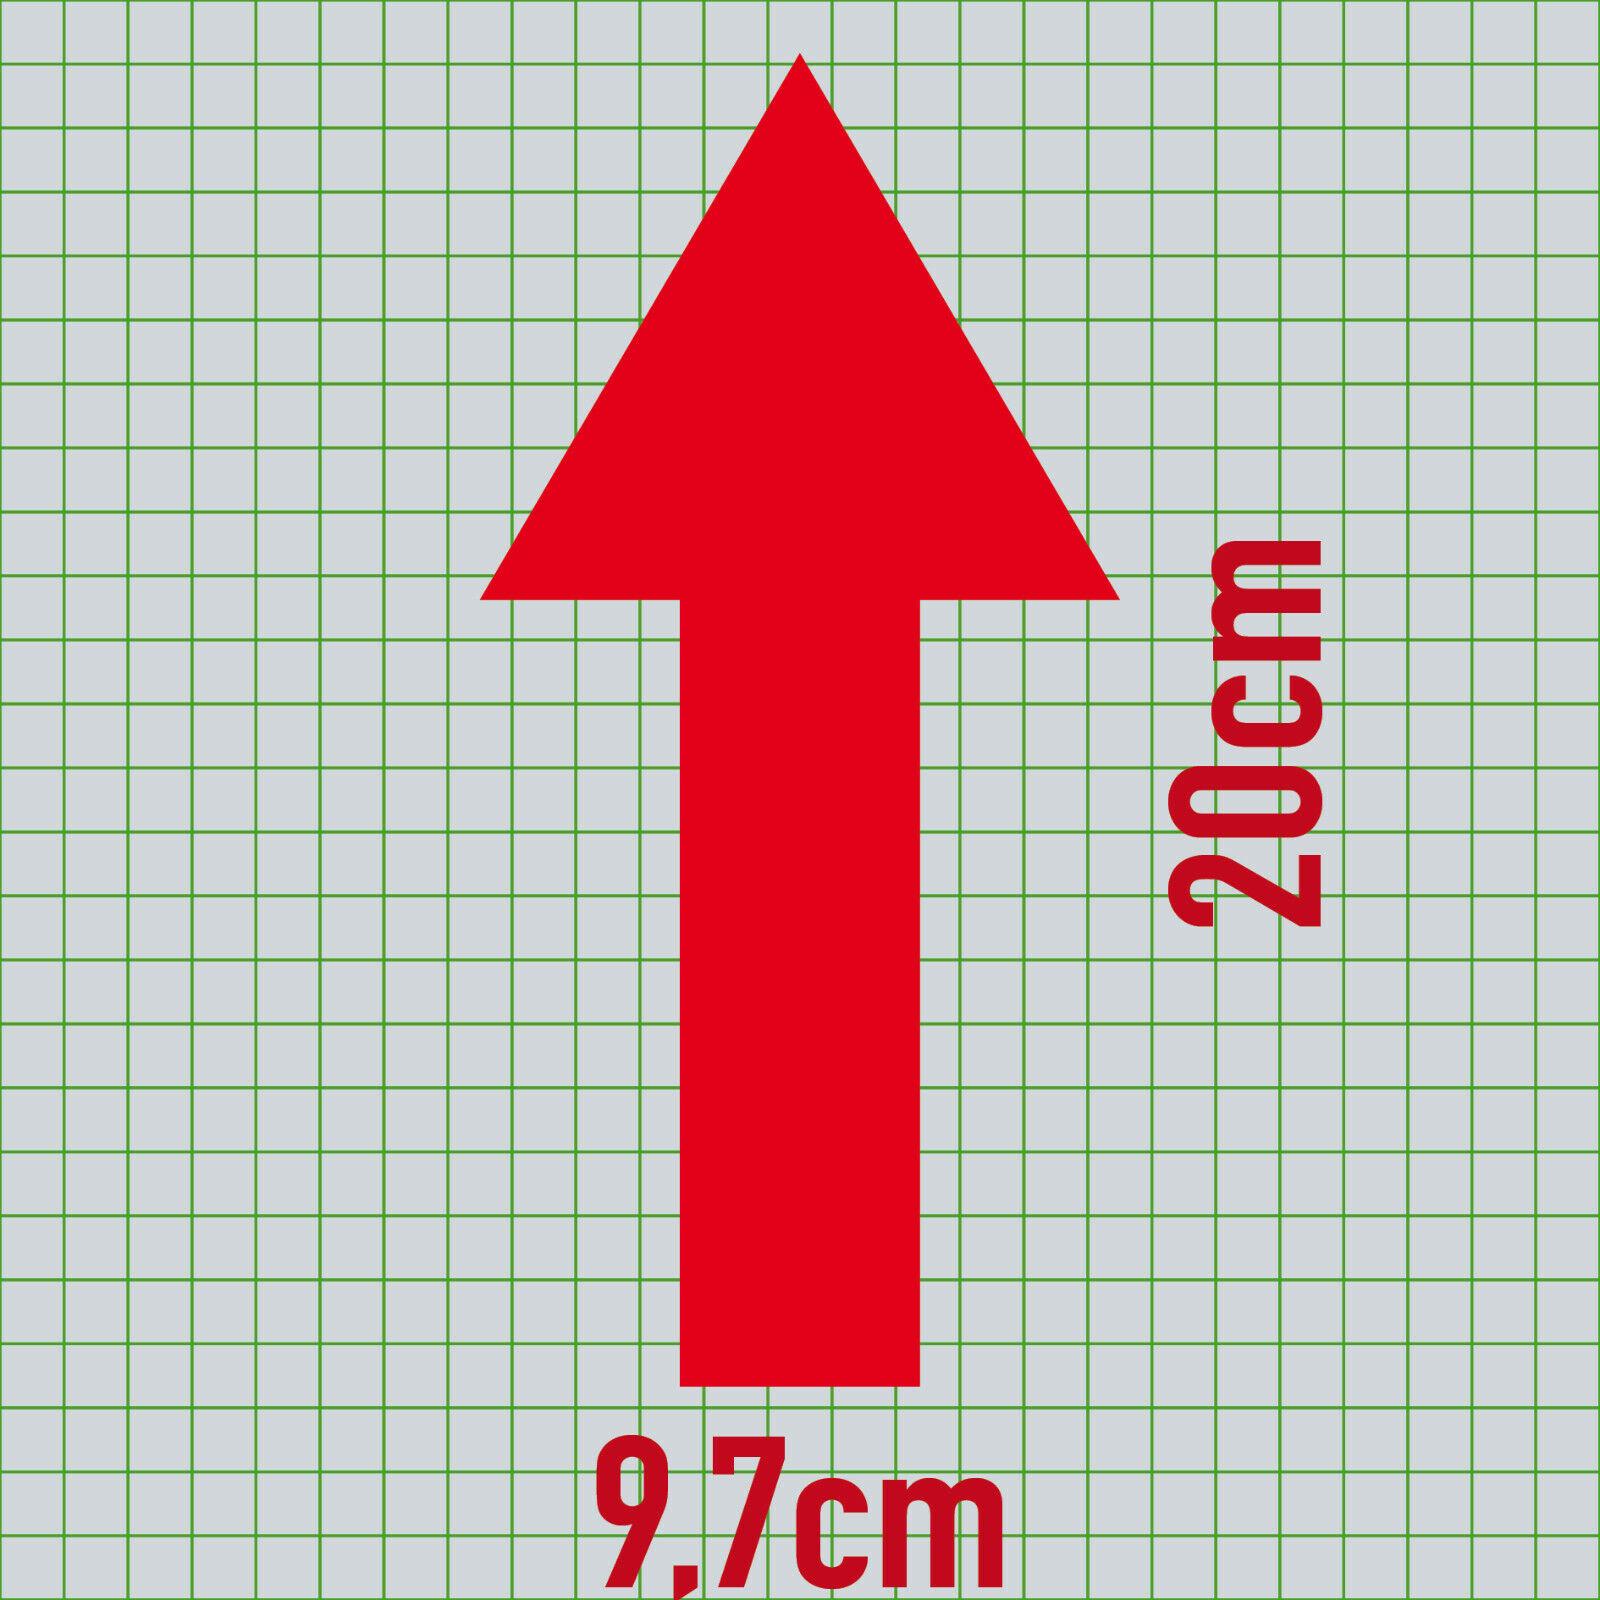 Klebefolie selbstklebend GreenIT 2 St/ück Pfeile 20cm breit Aufkleber Tattoo die Cut Deko Folie f/ür Auto Heck T/ür Fenster Plexiglas etc rot